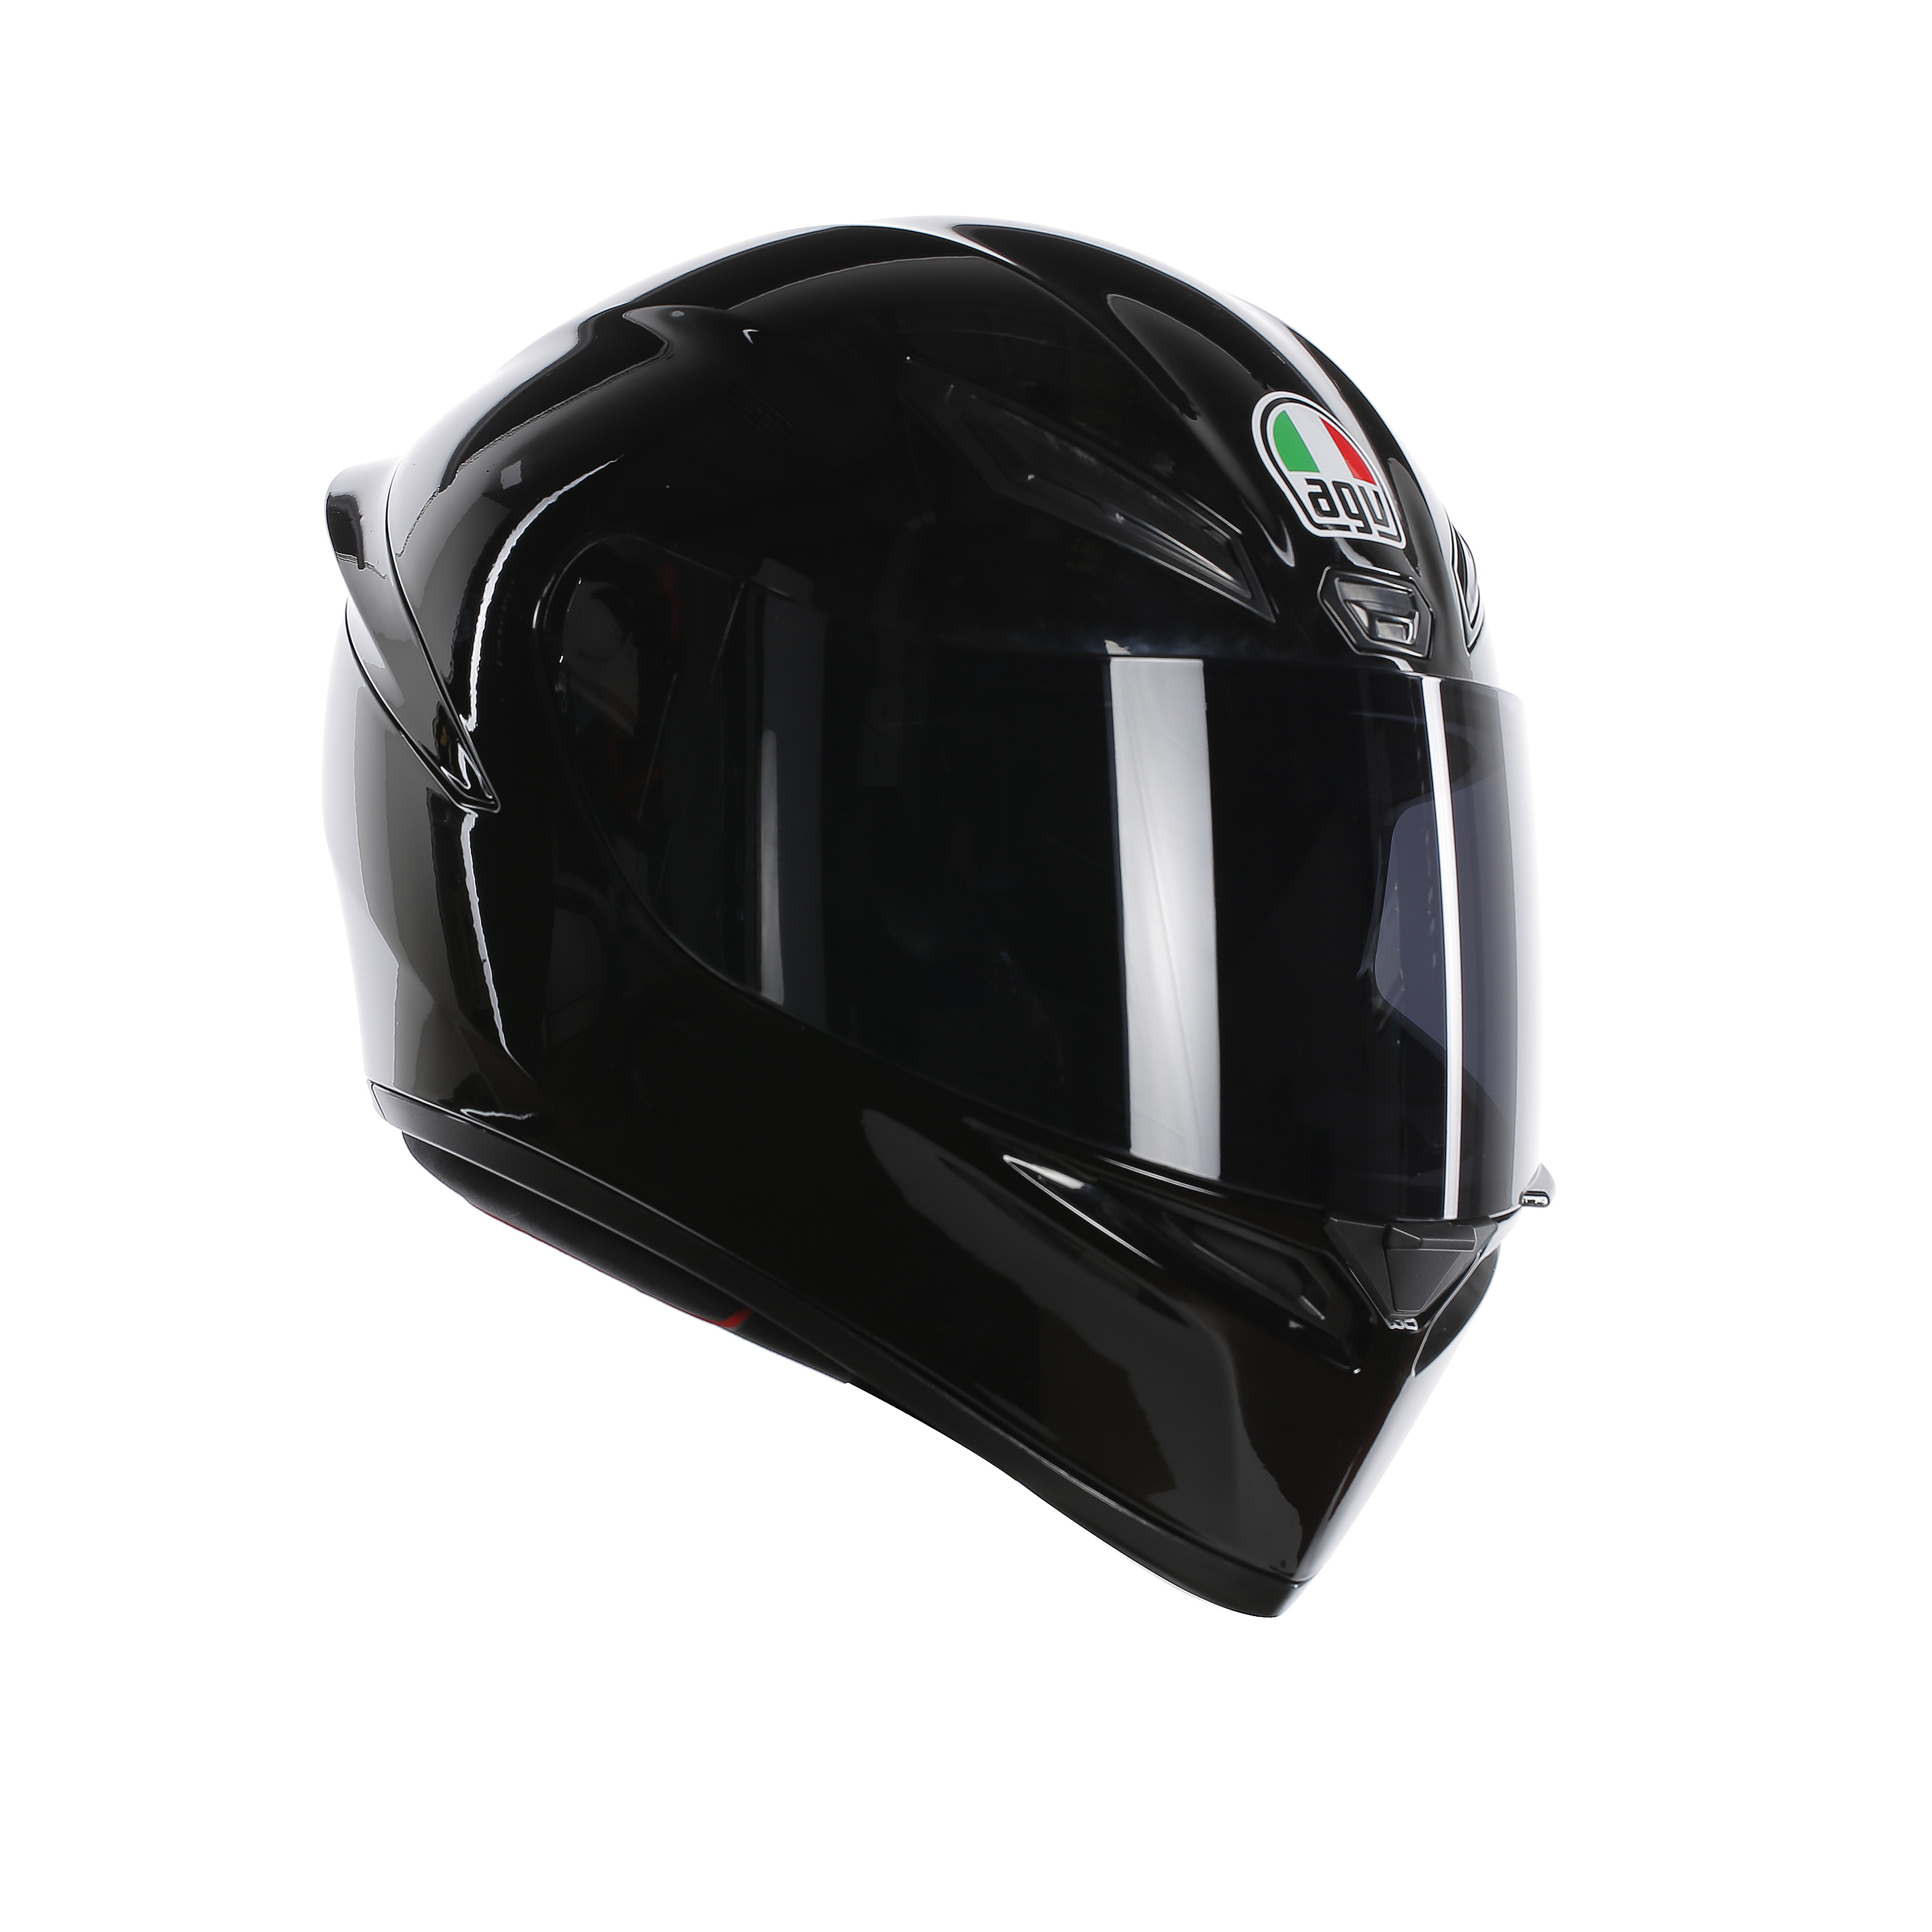 Agv K1 Helmet Entry Level Lid From Italian Helmet Titans